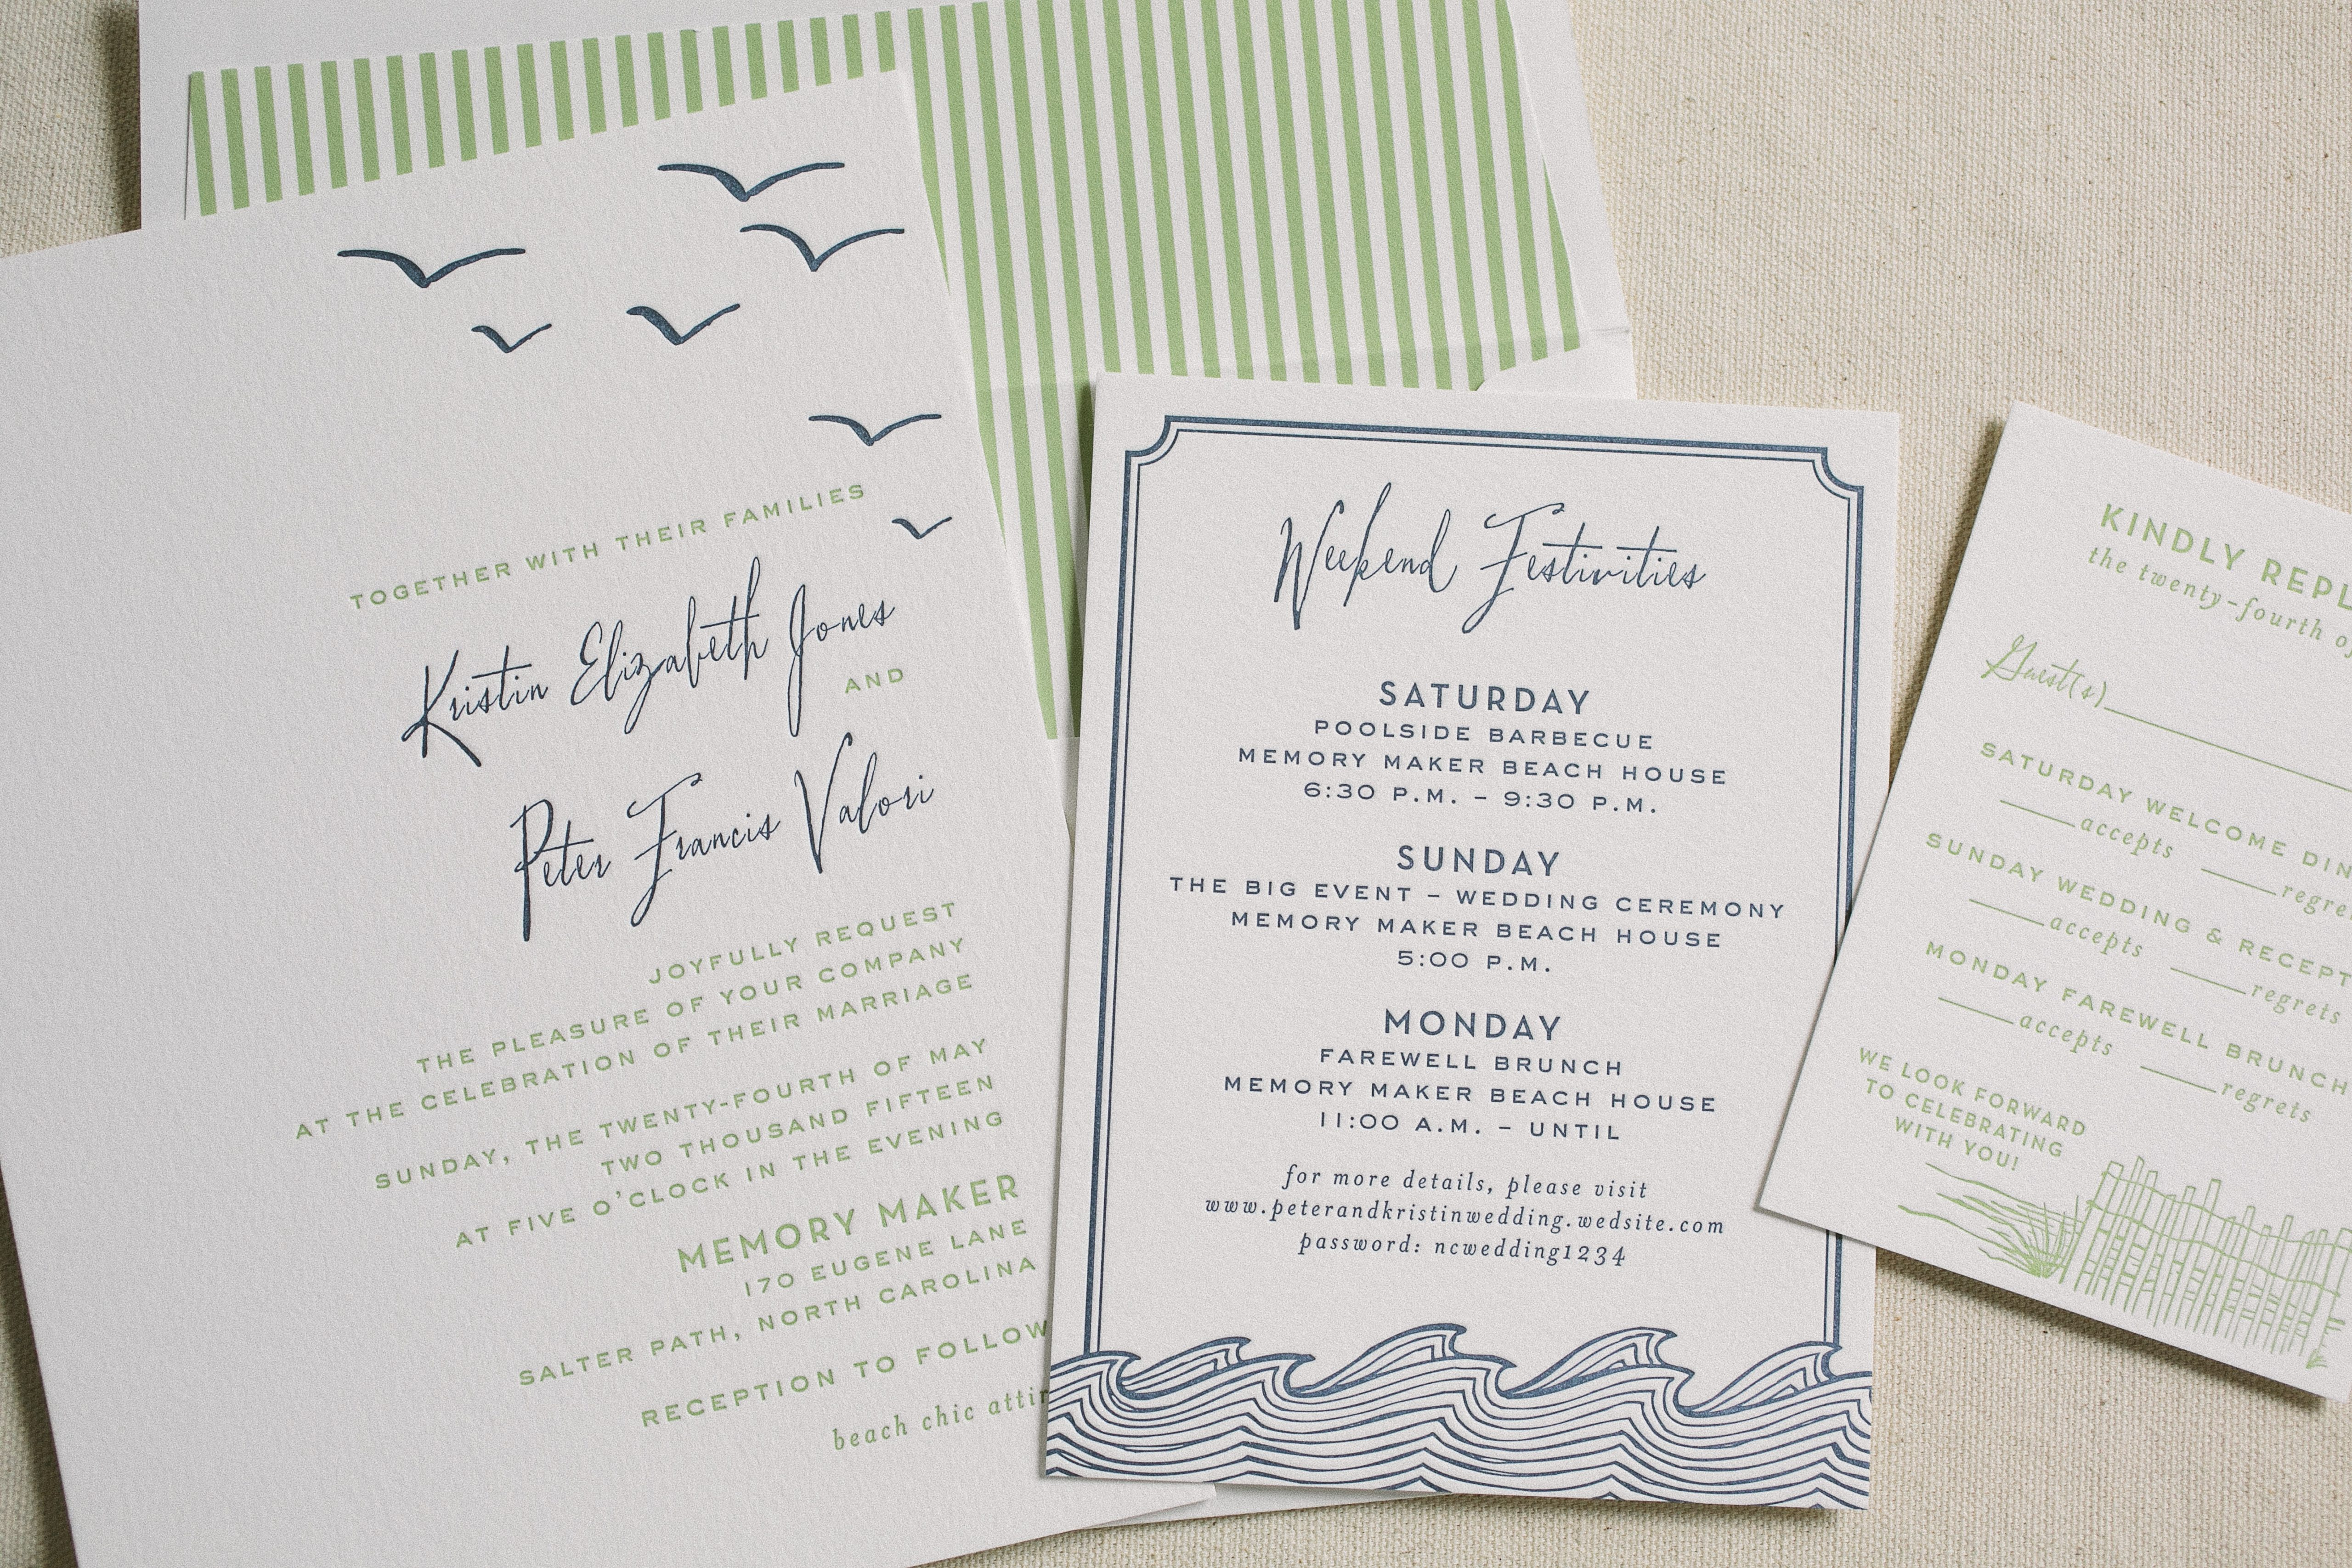 beach wedding invitations for memorial day weekend wedding beach wedding invitations beach wedding invitations Bella Figura